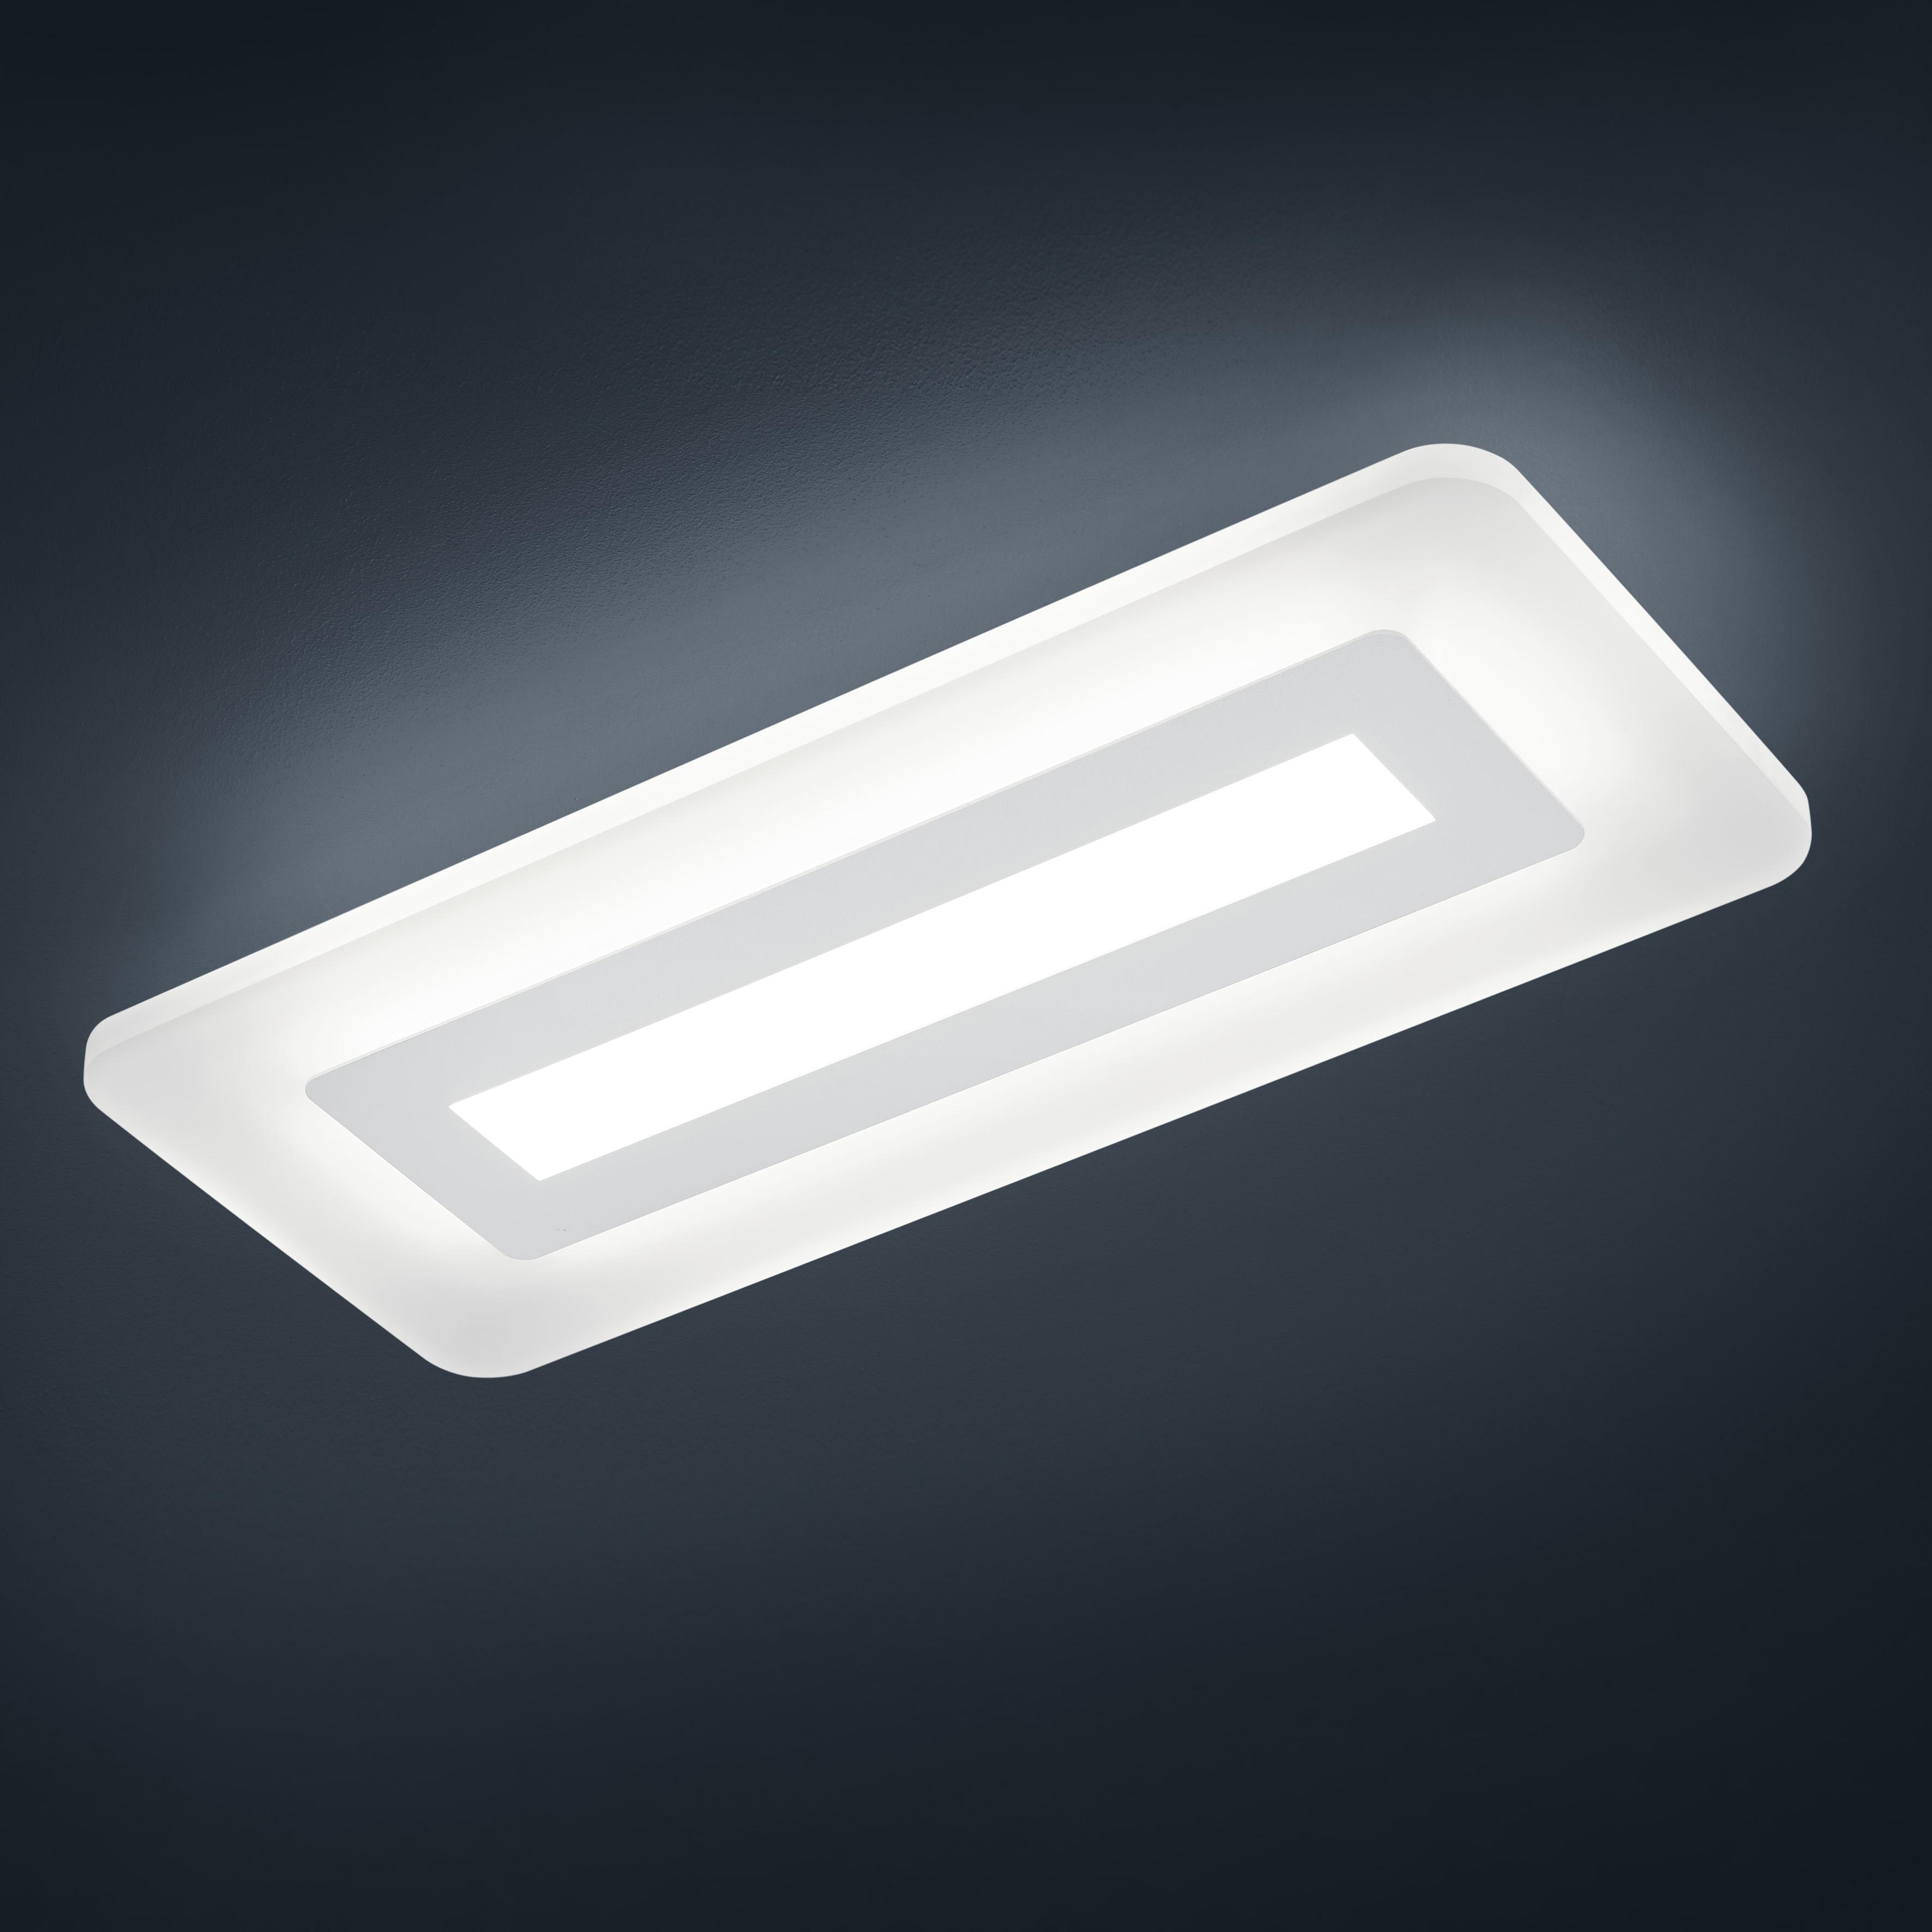 LED-Deckenleuchten von Helestra Leuchten WES LED- Deckenleuchte 25/1665.07